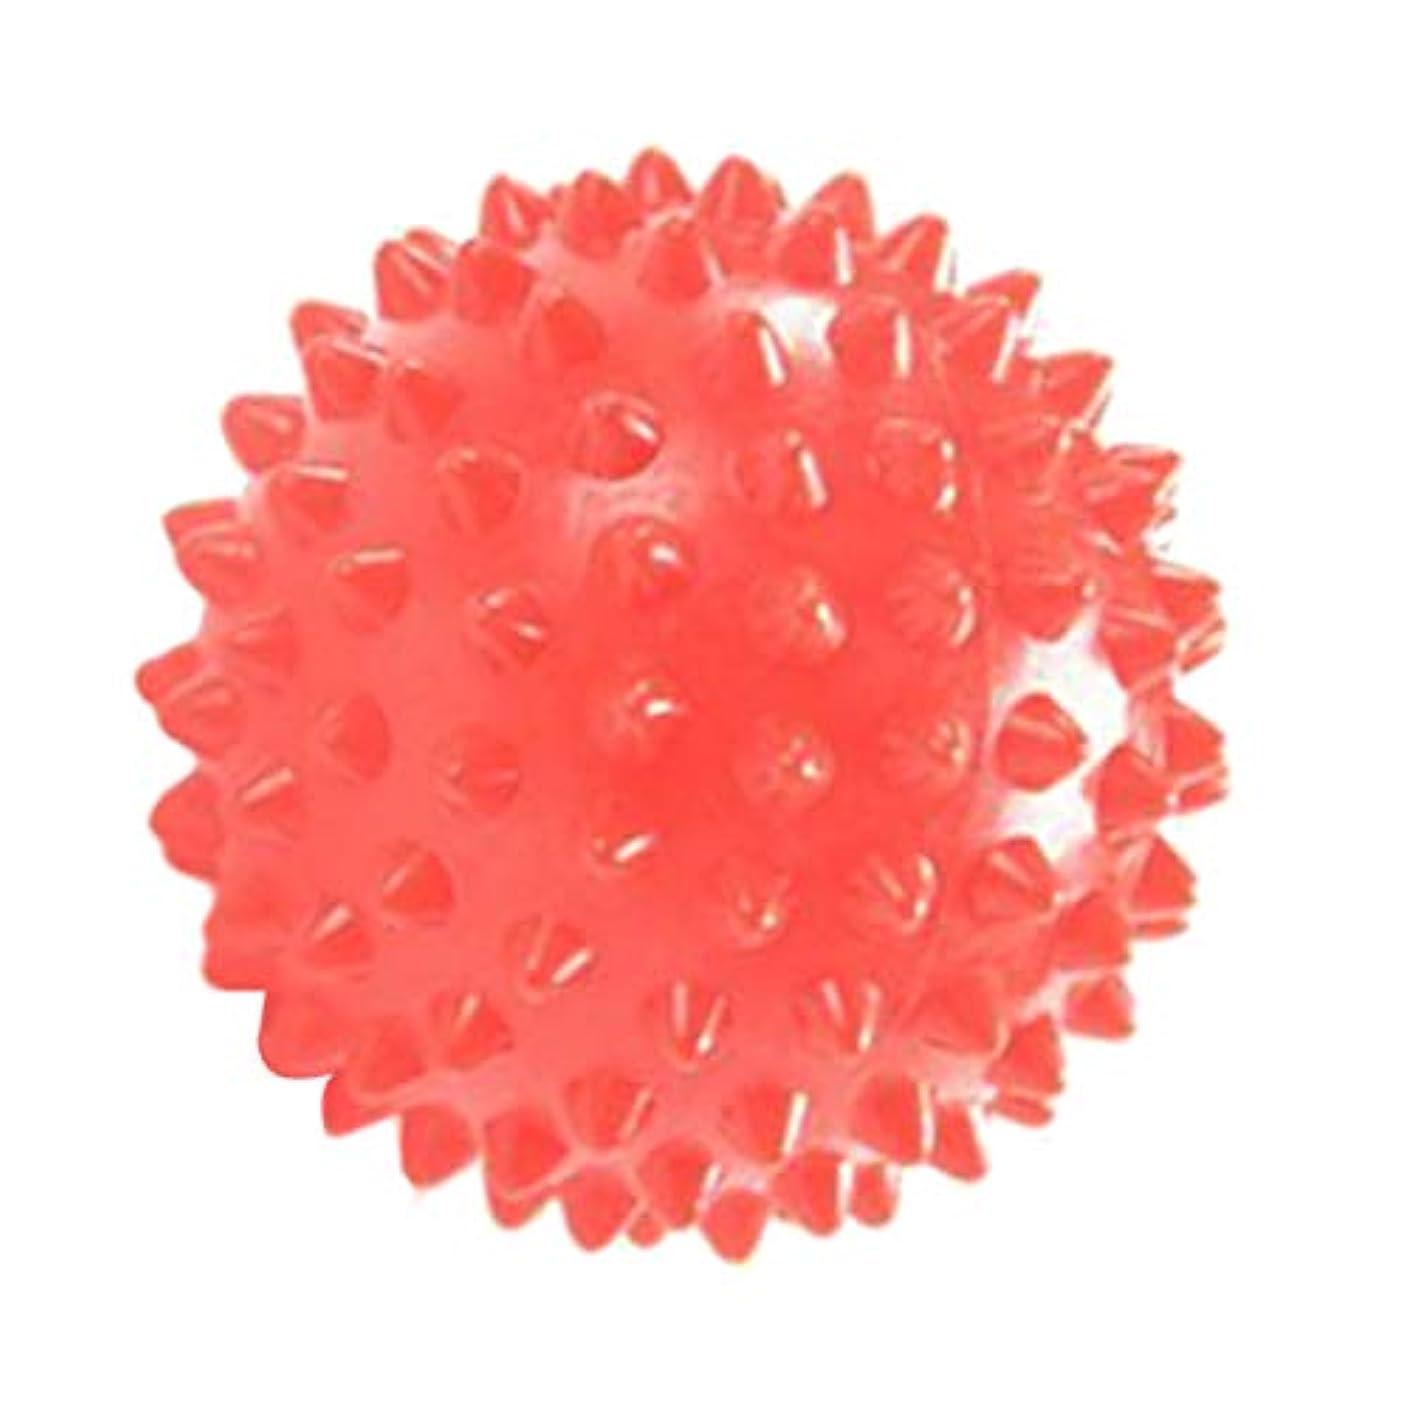 天井警告才能のある指圧マッサージボール ローラーボール マッサージローラー トリガーポイント 疲労軽減 痛み緩和